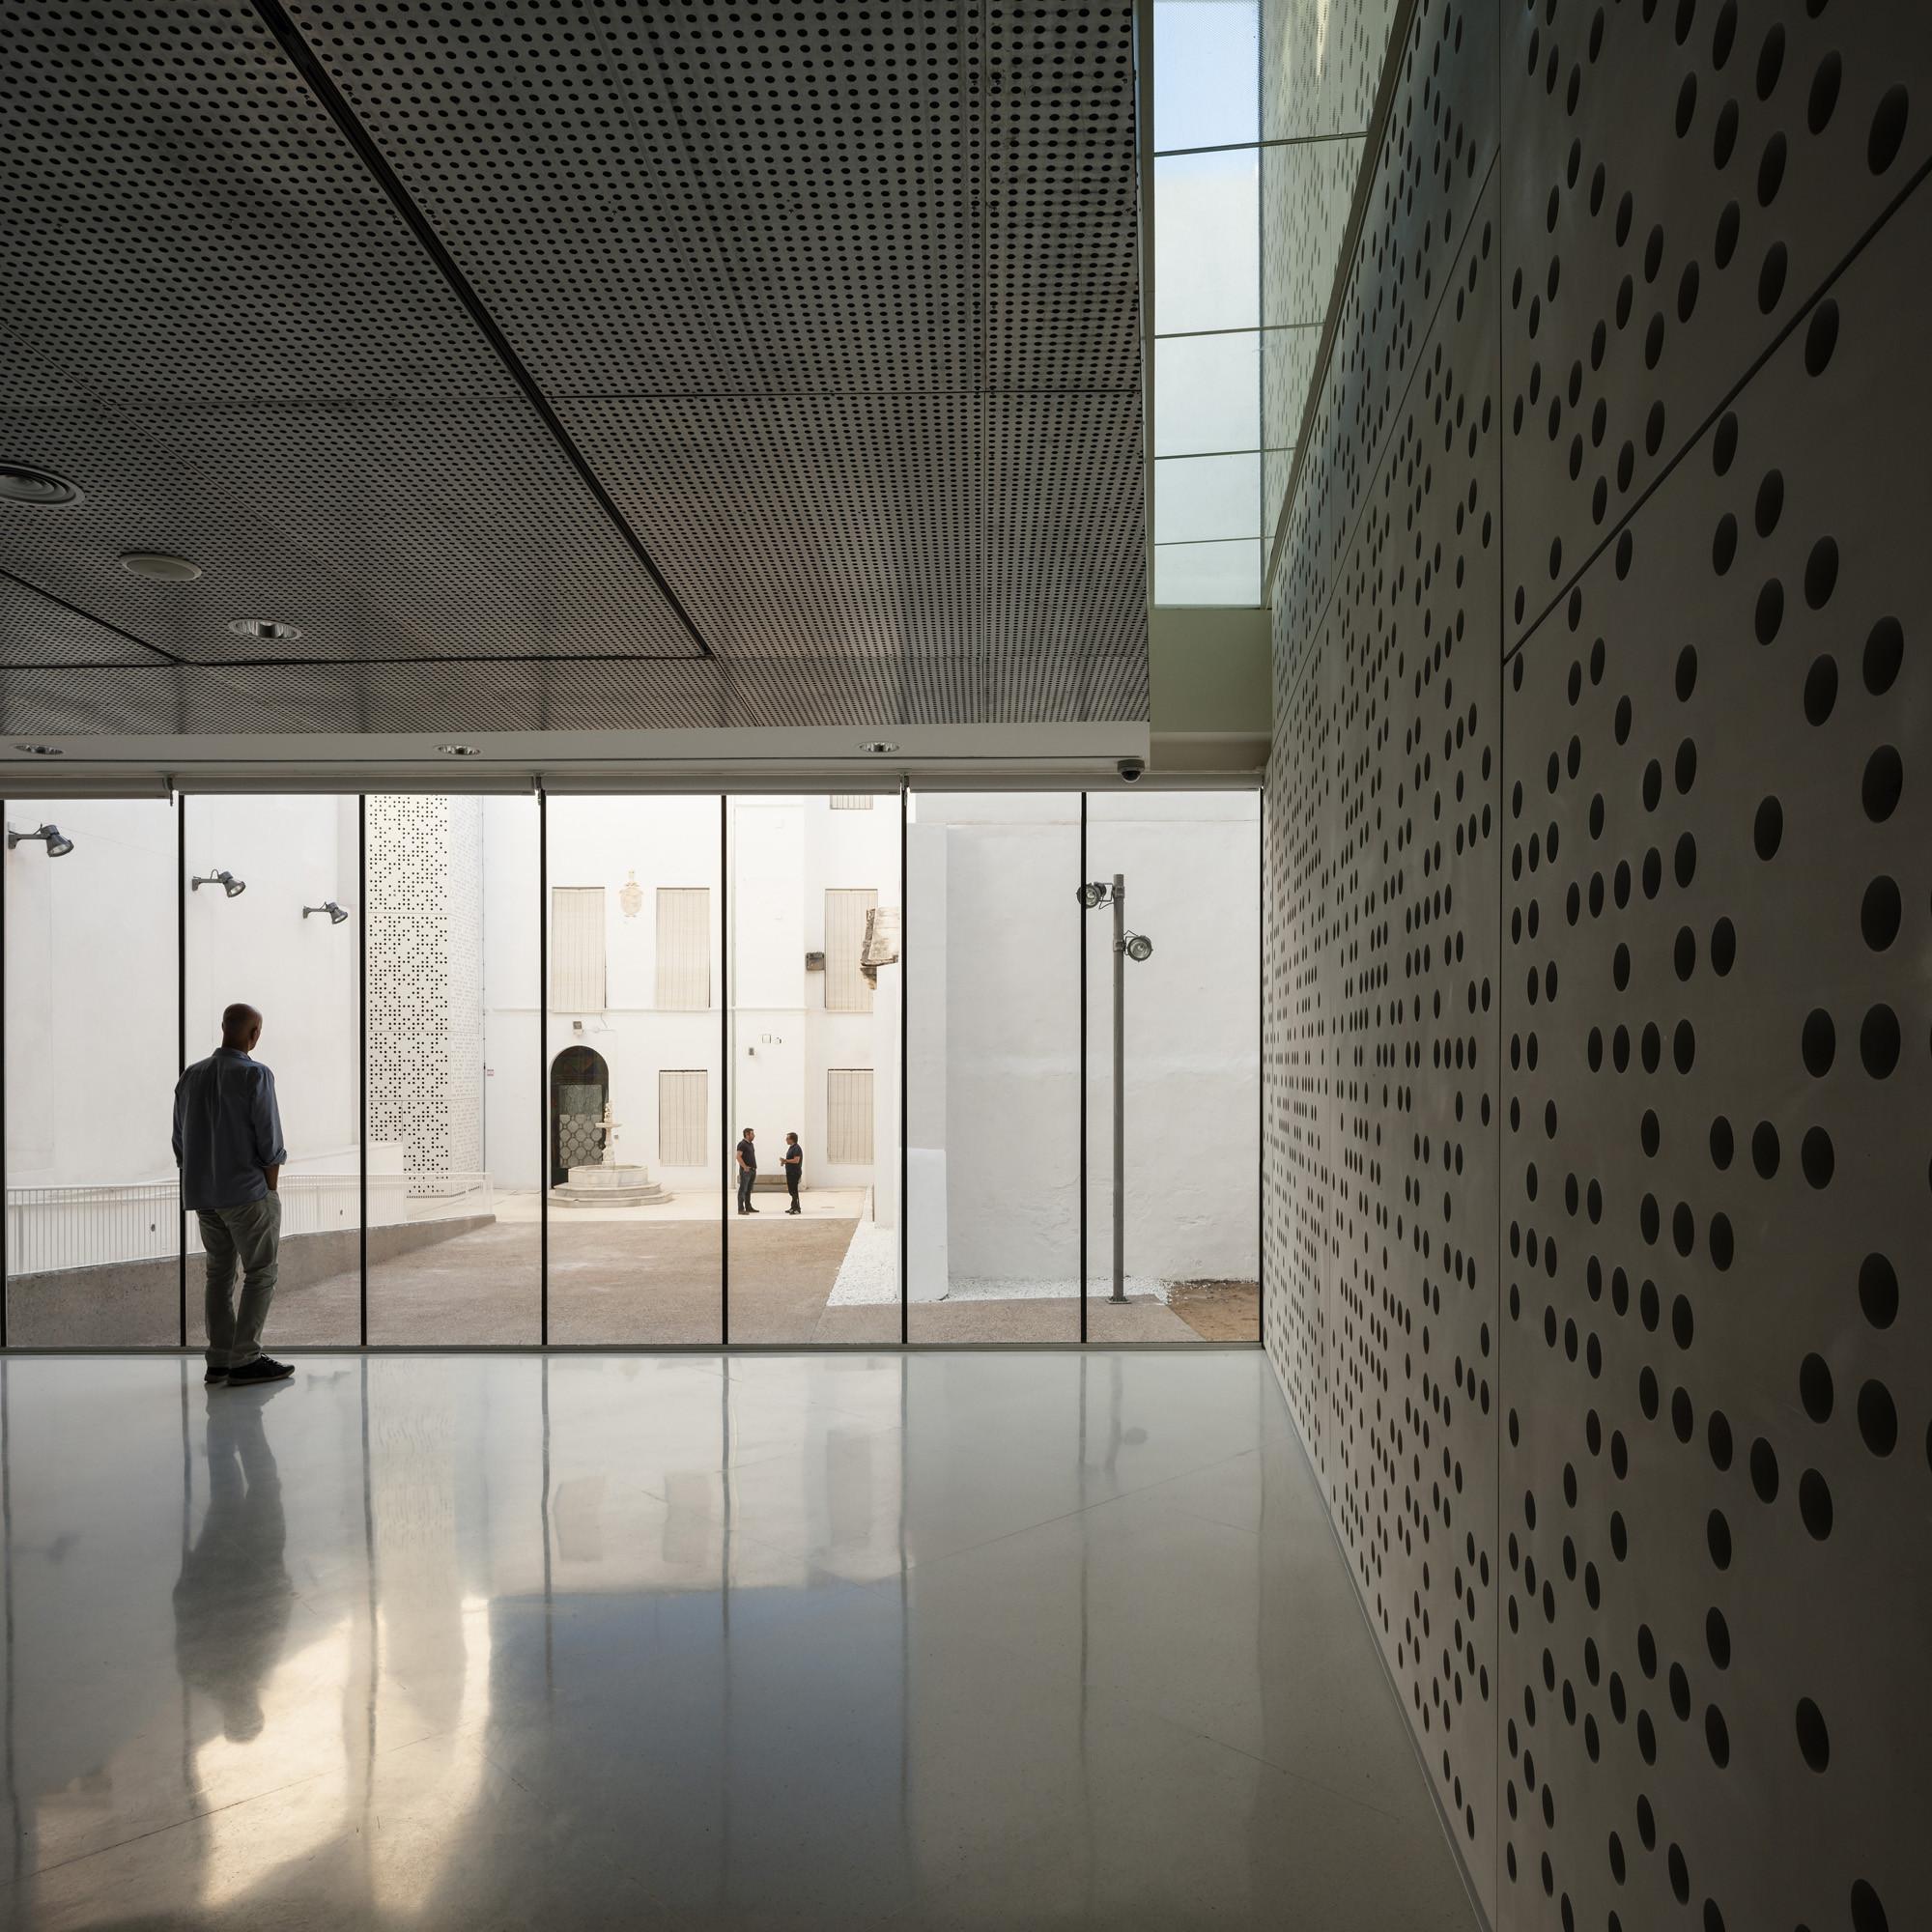 Fine Arts Museum Estudio Hago - 14